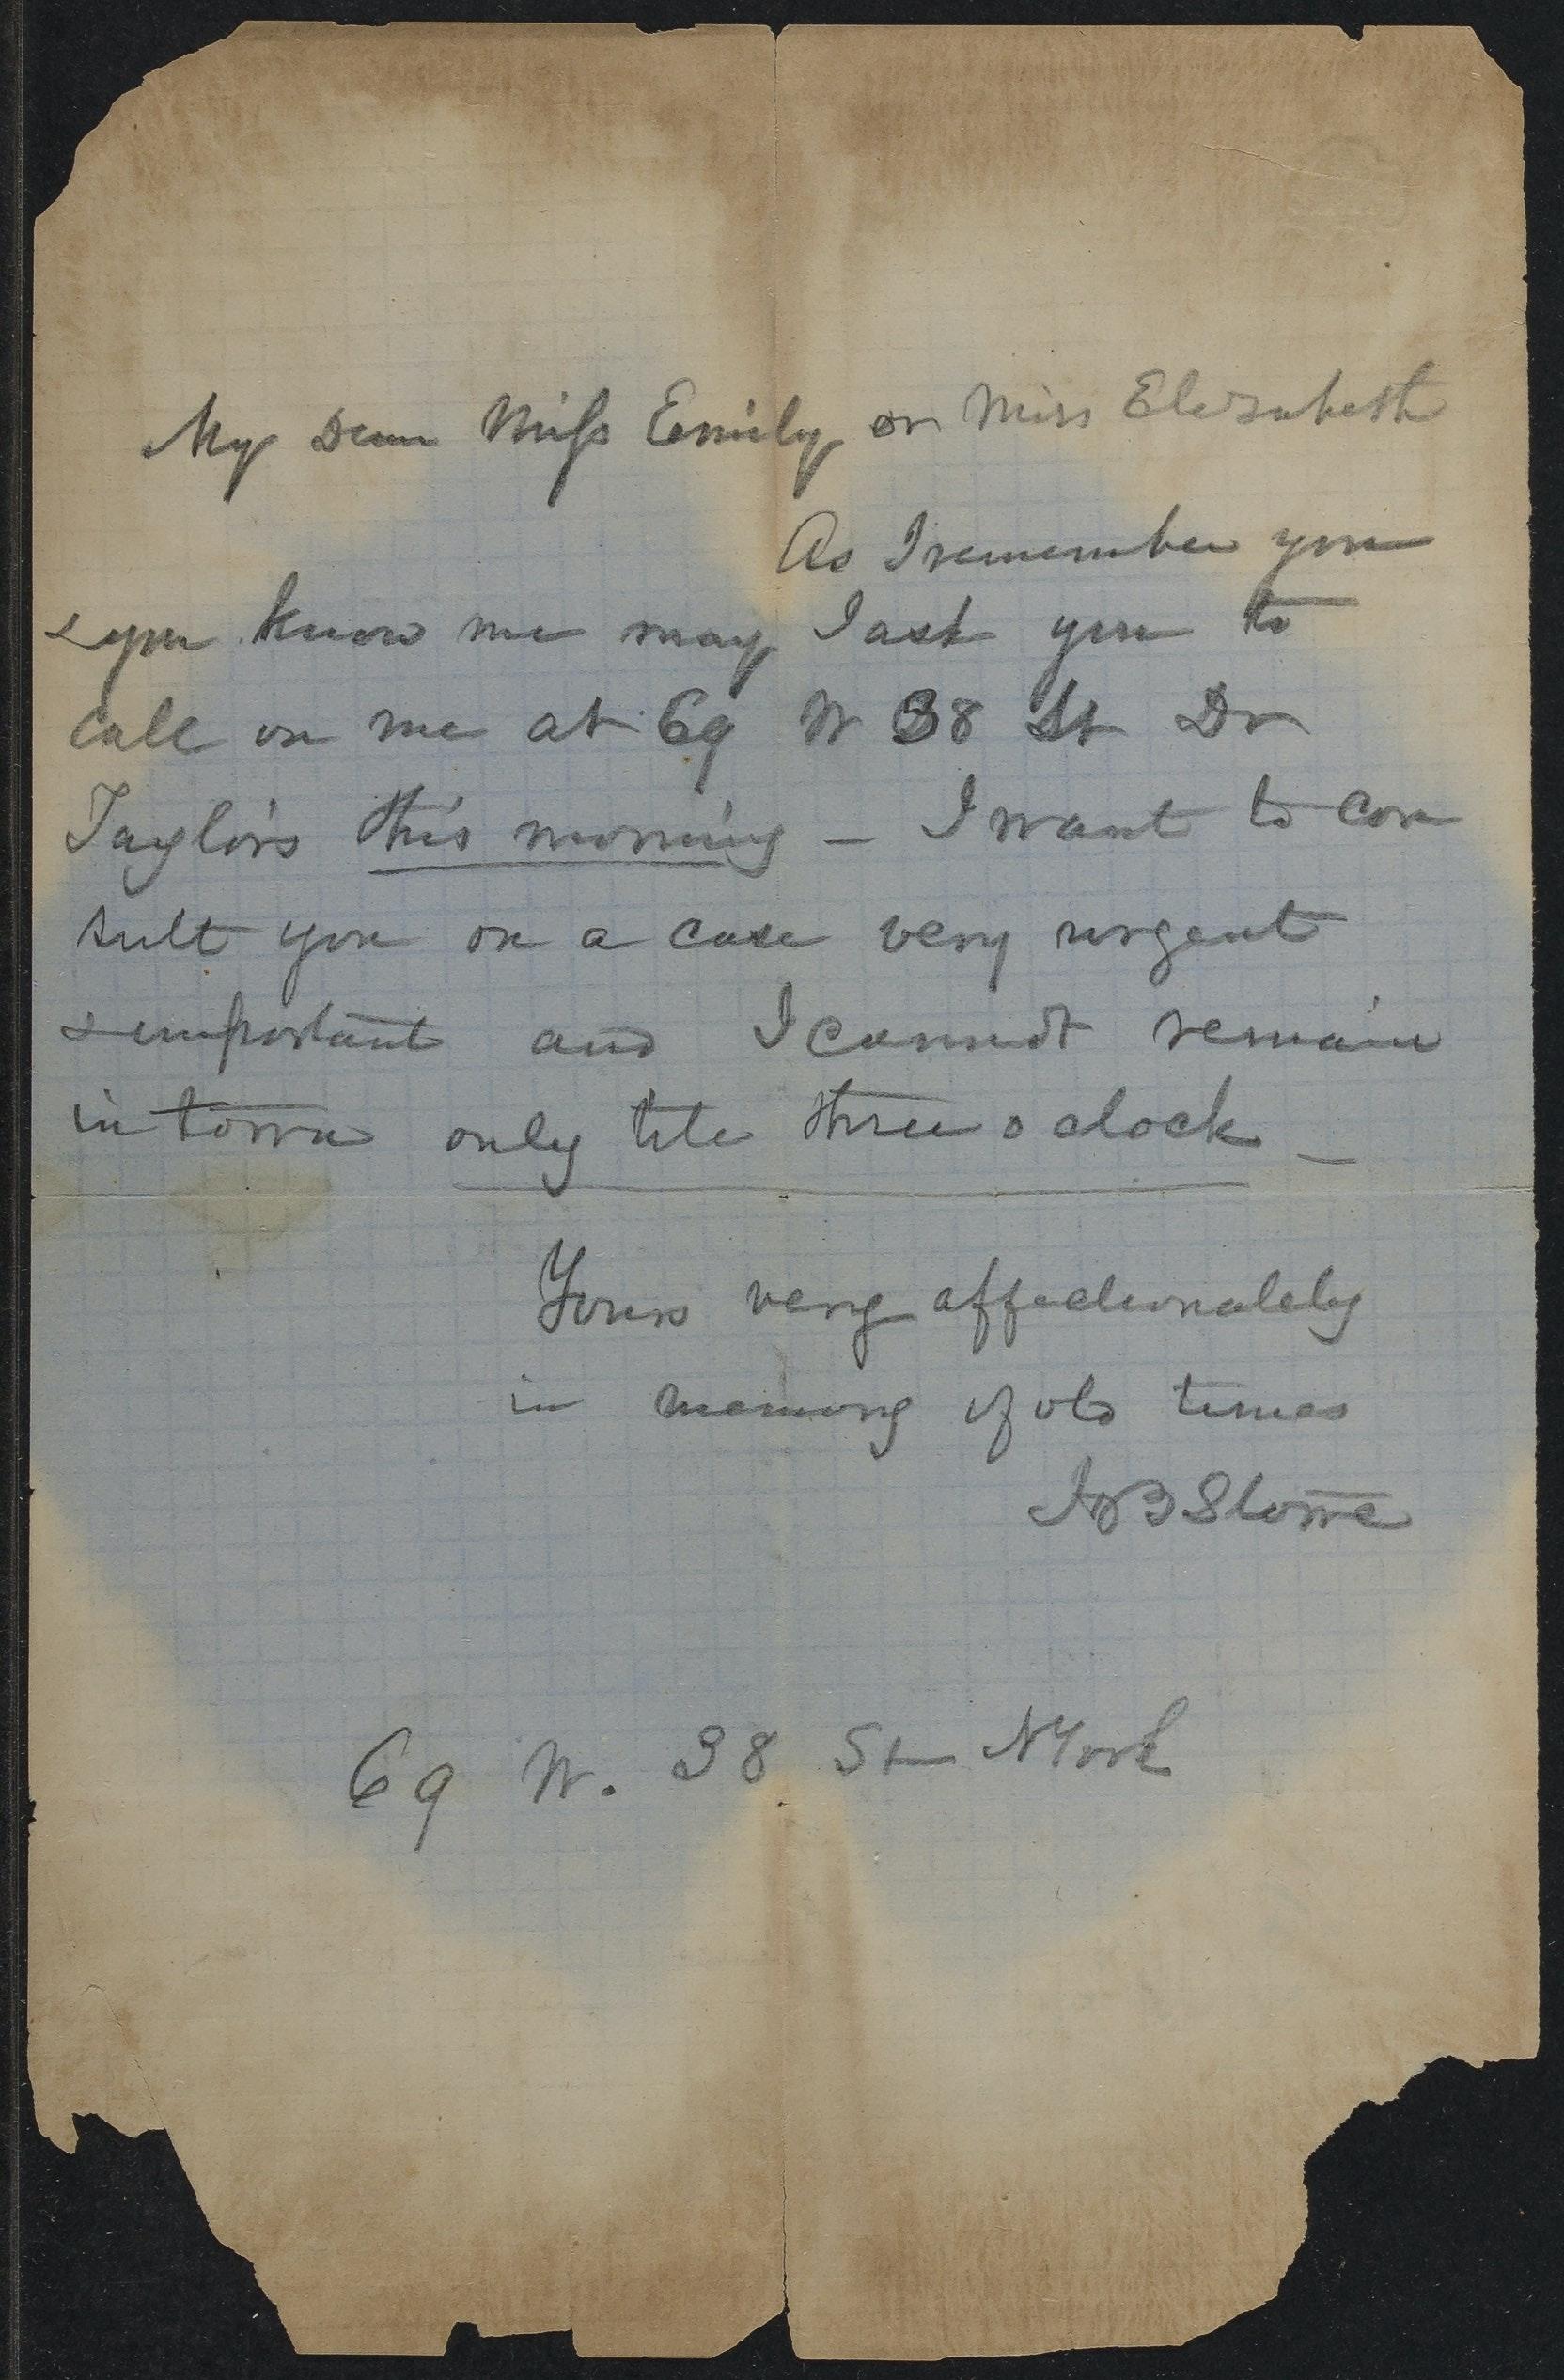 Note from Harriet Beecher Stowe